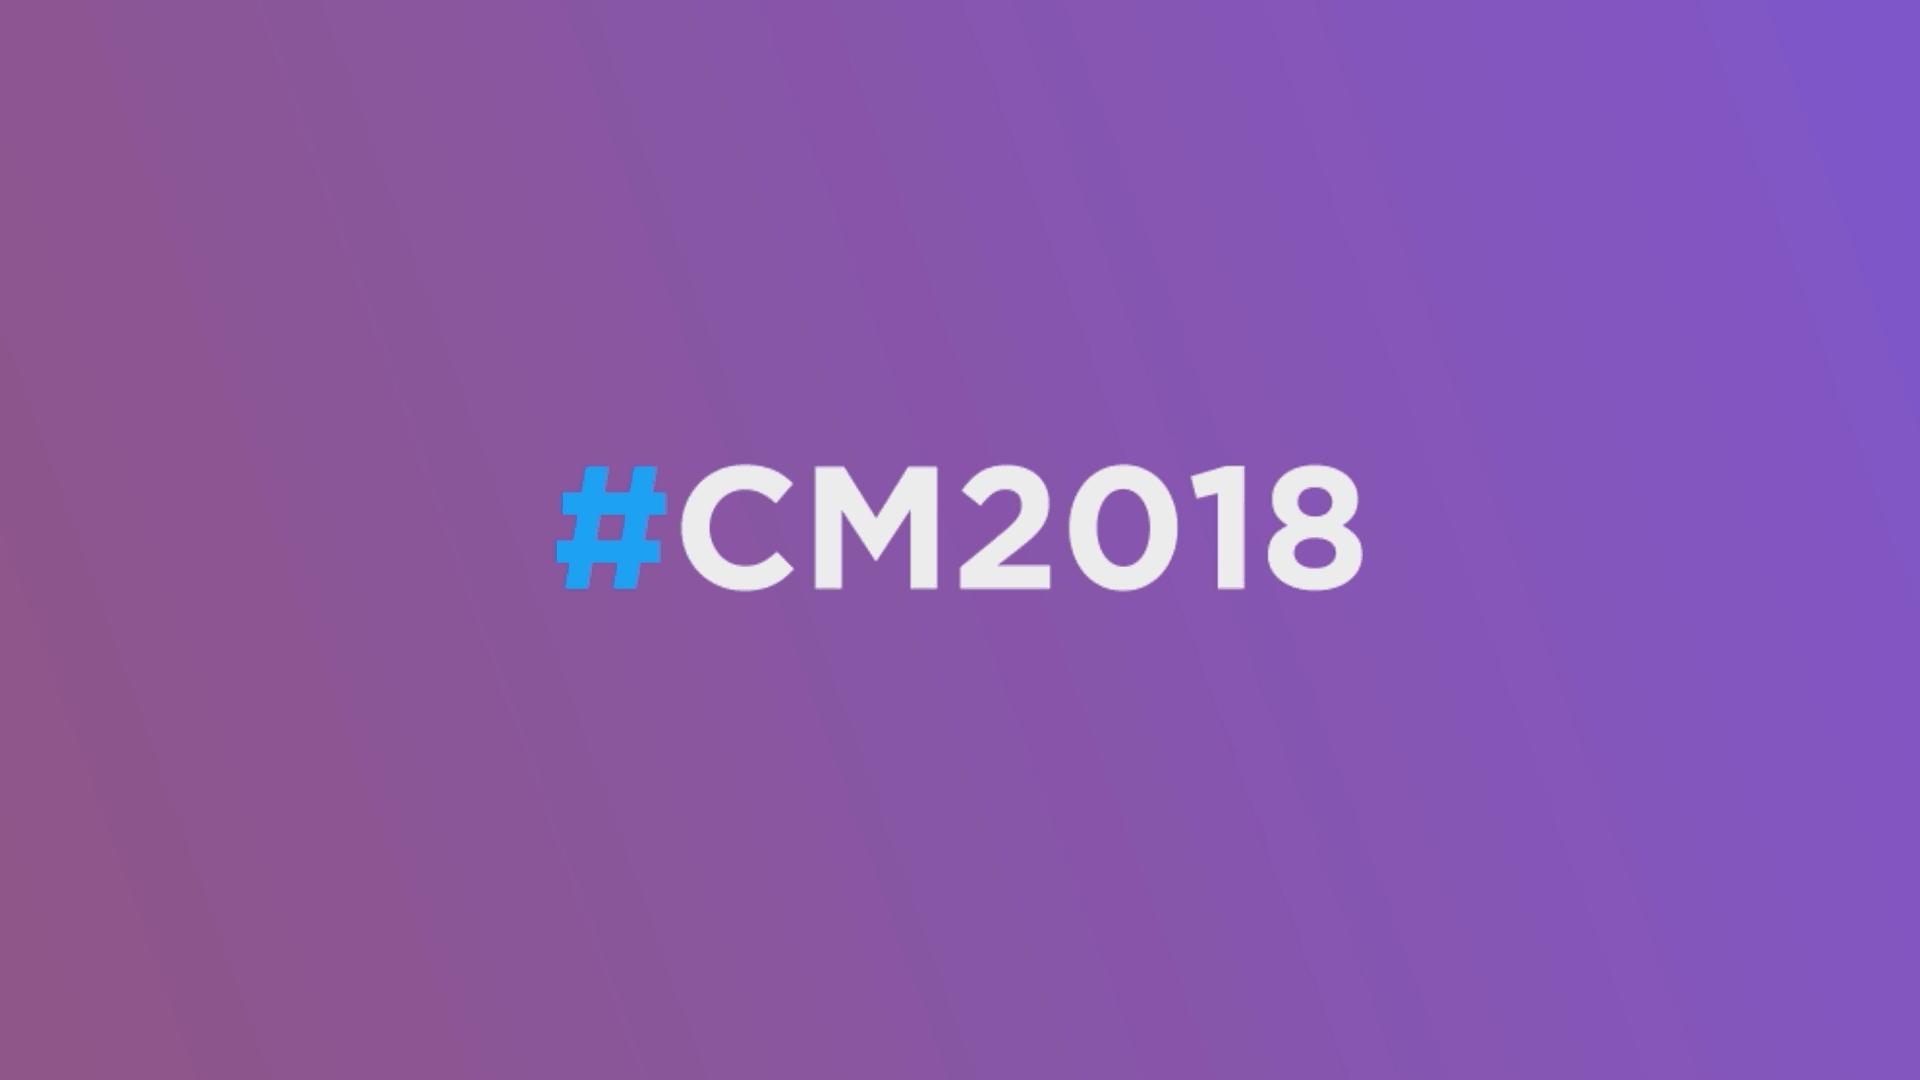 CM2018 Twitter